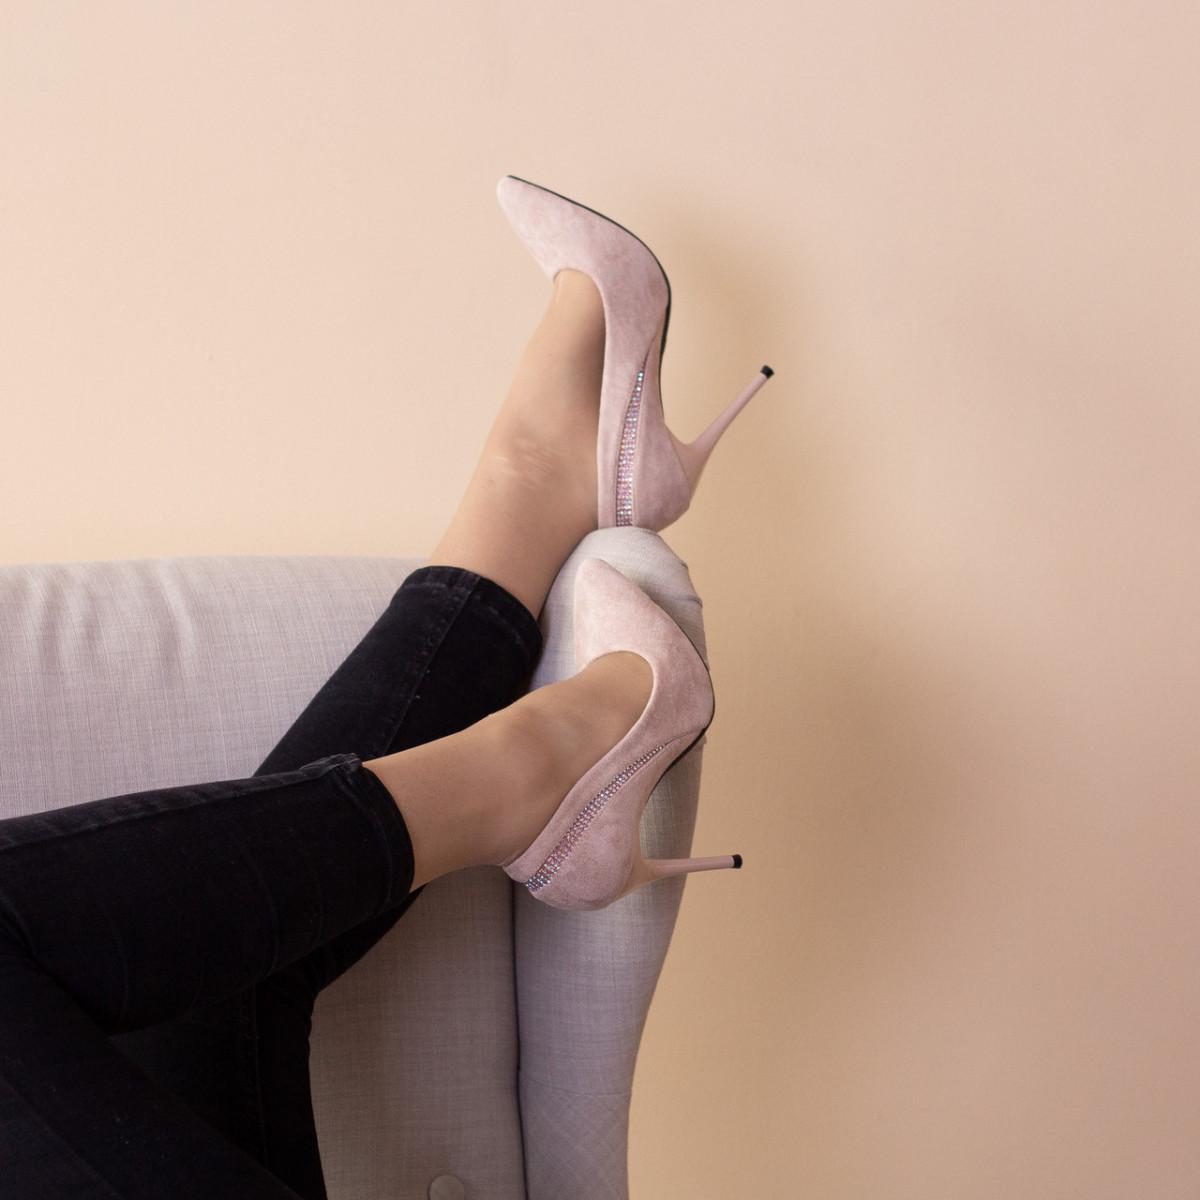 Туфлі жіночі Fashion Guinness 2471 36 розмір, 23,5 см Бежевий